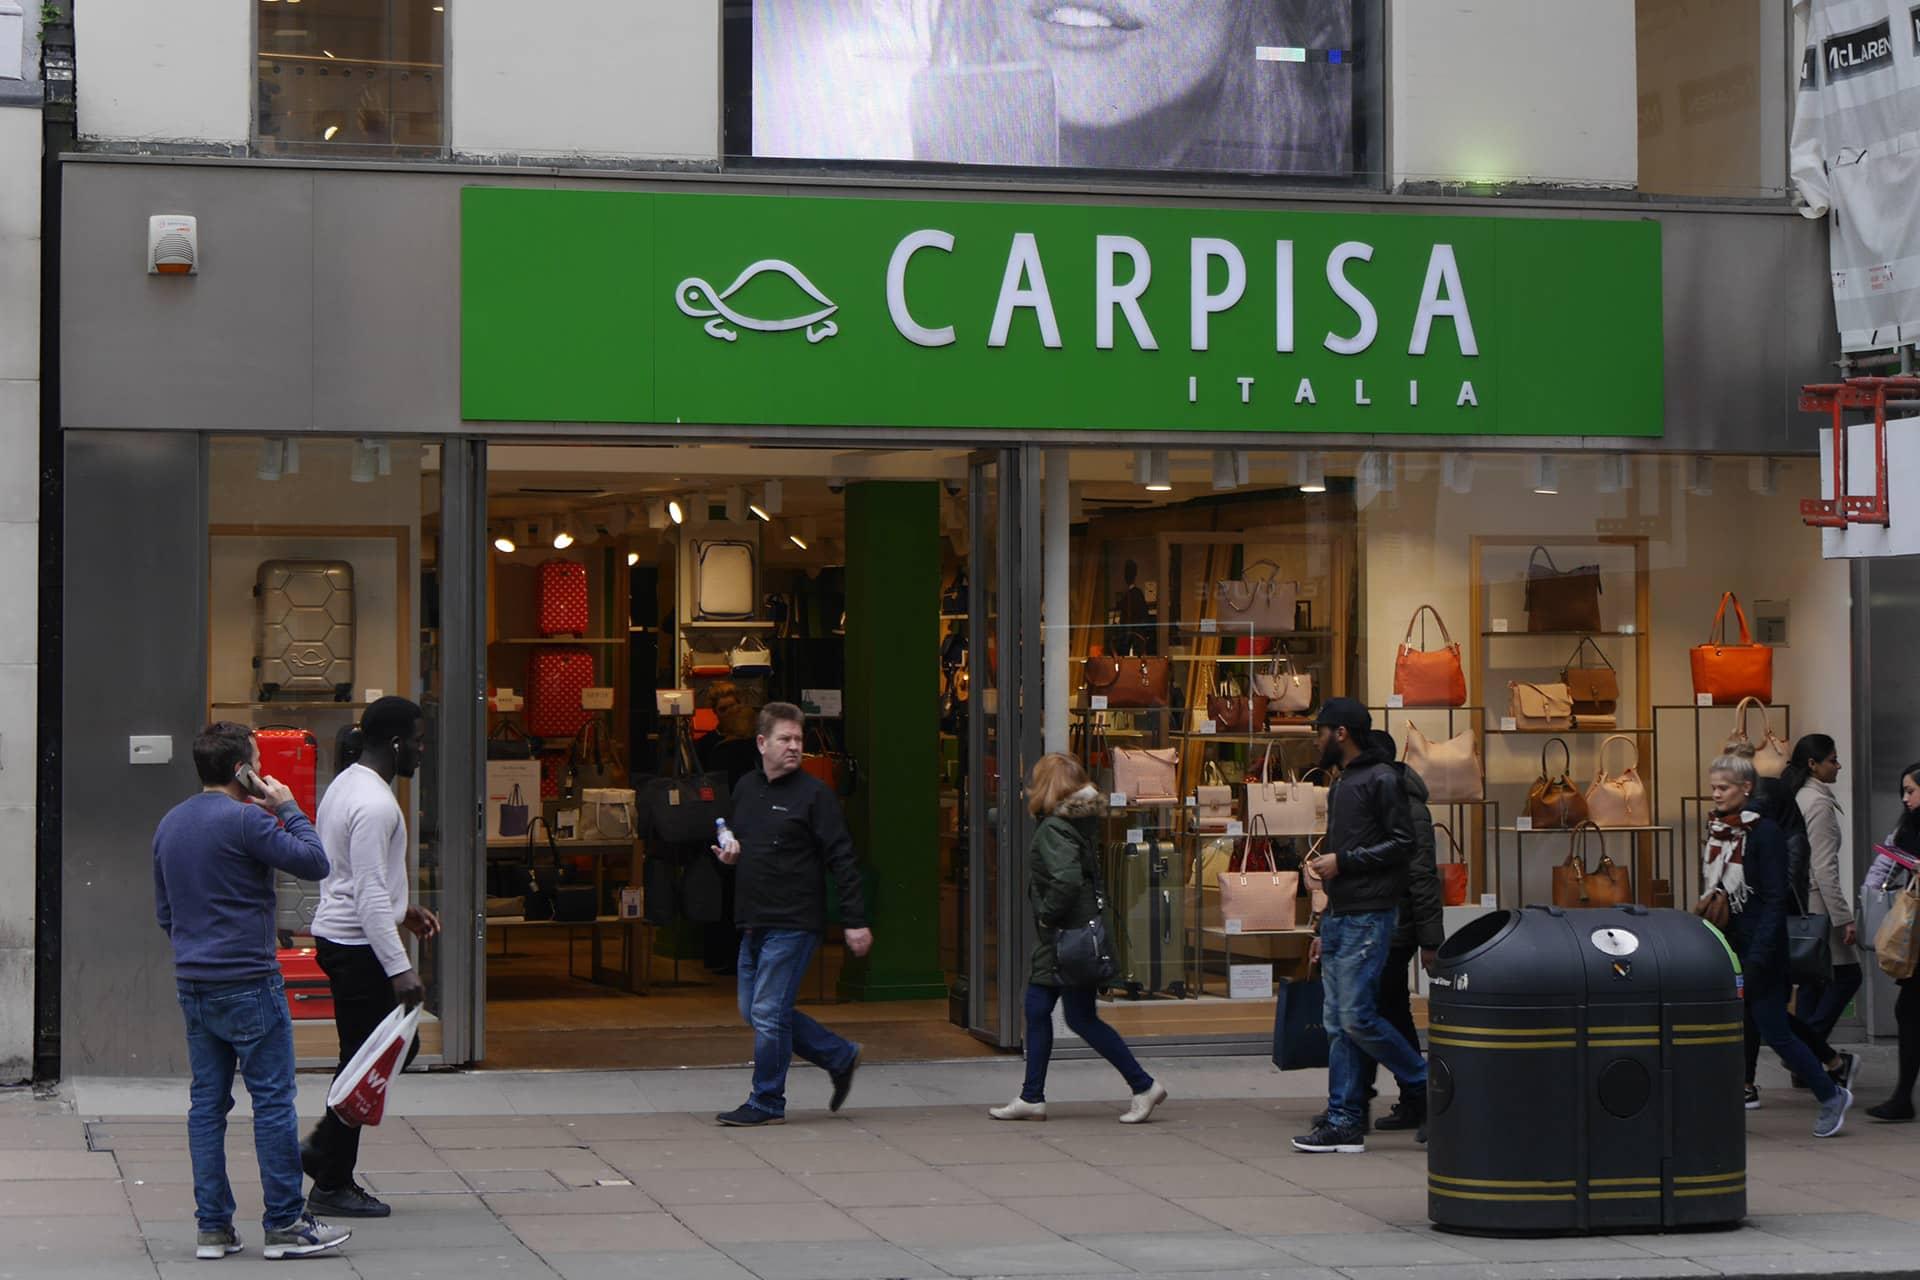 La furbata (riuscita male) di #Carpisa e cosa c'è sotto